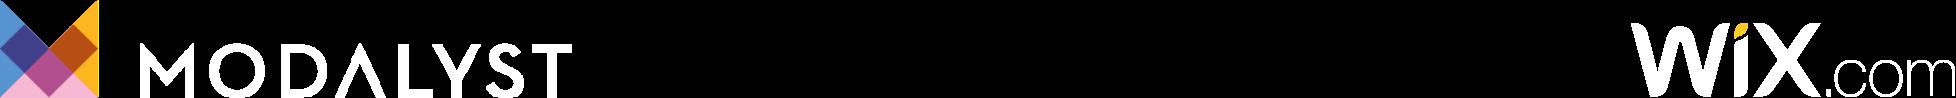 Modalyst Wix